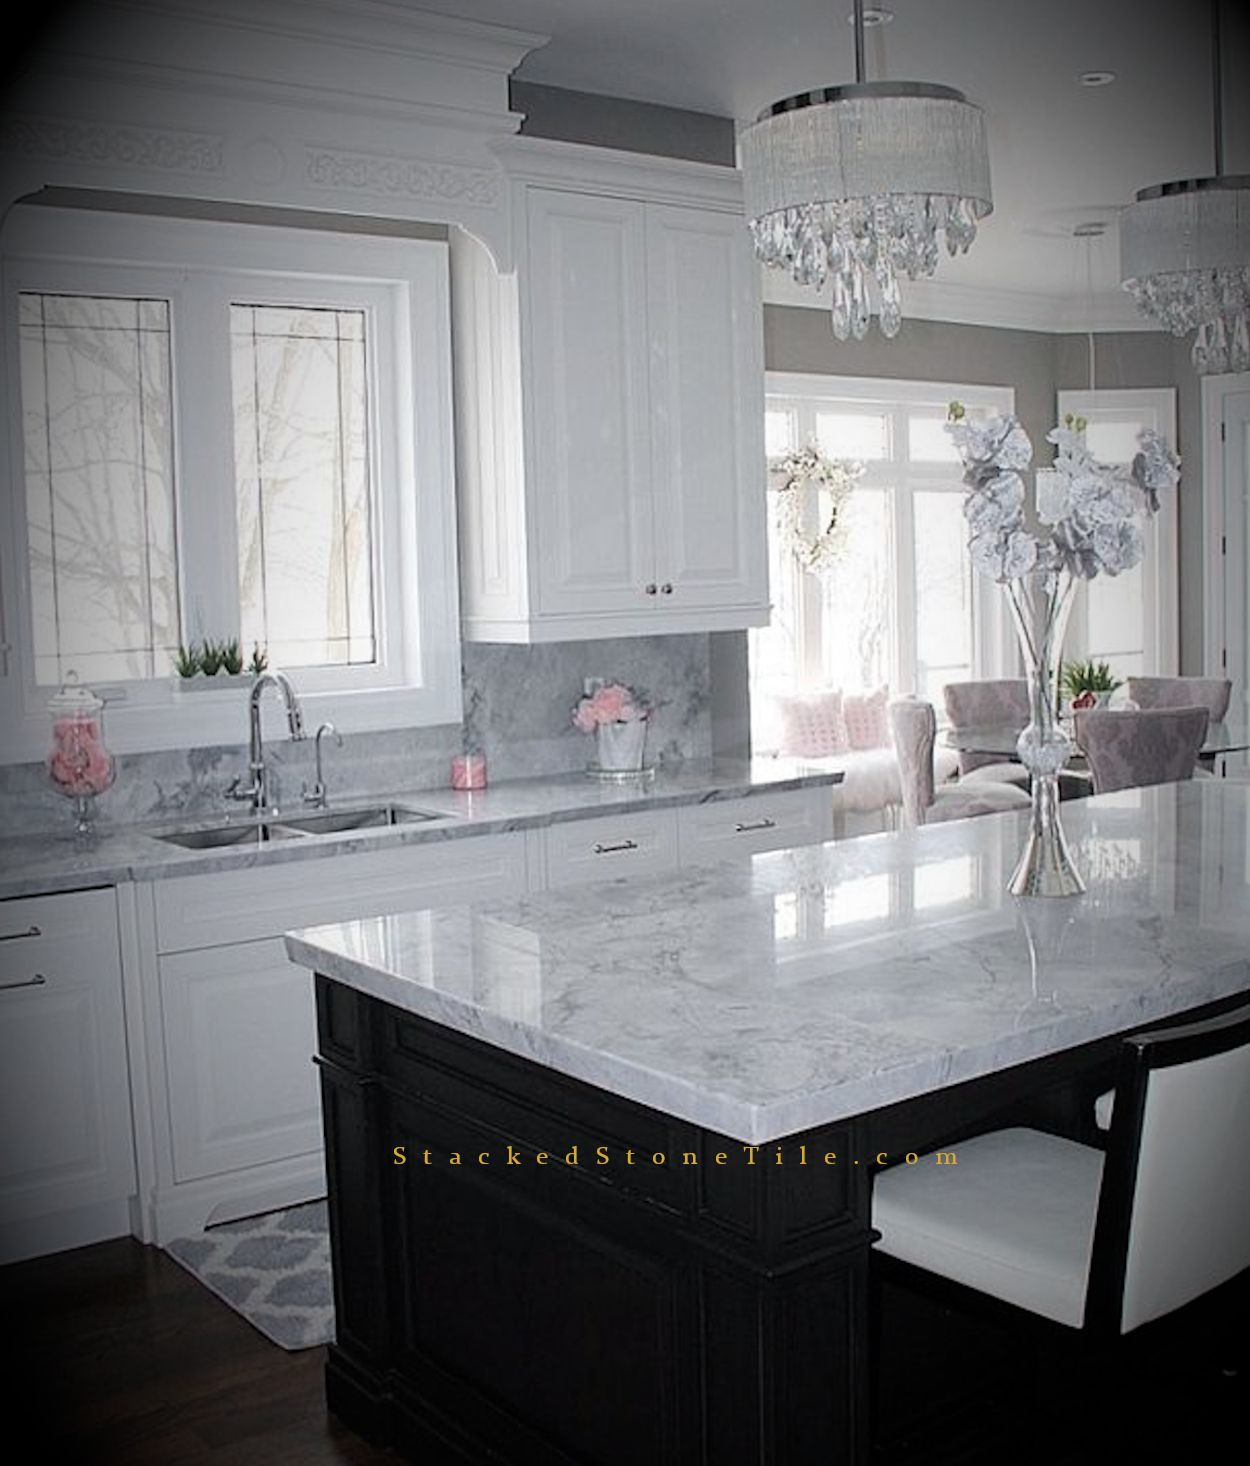 Kitchen Countertop Custom Kitchen Remodel Home Decor Kitchen